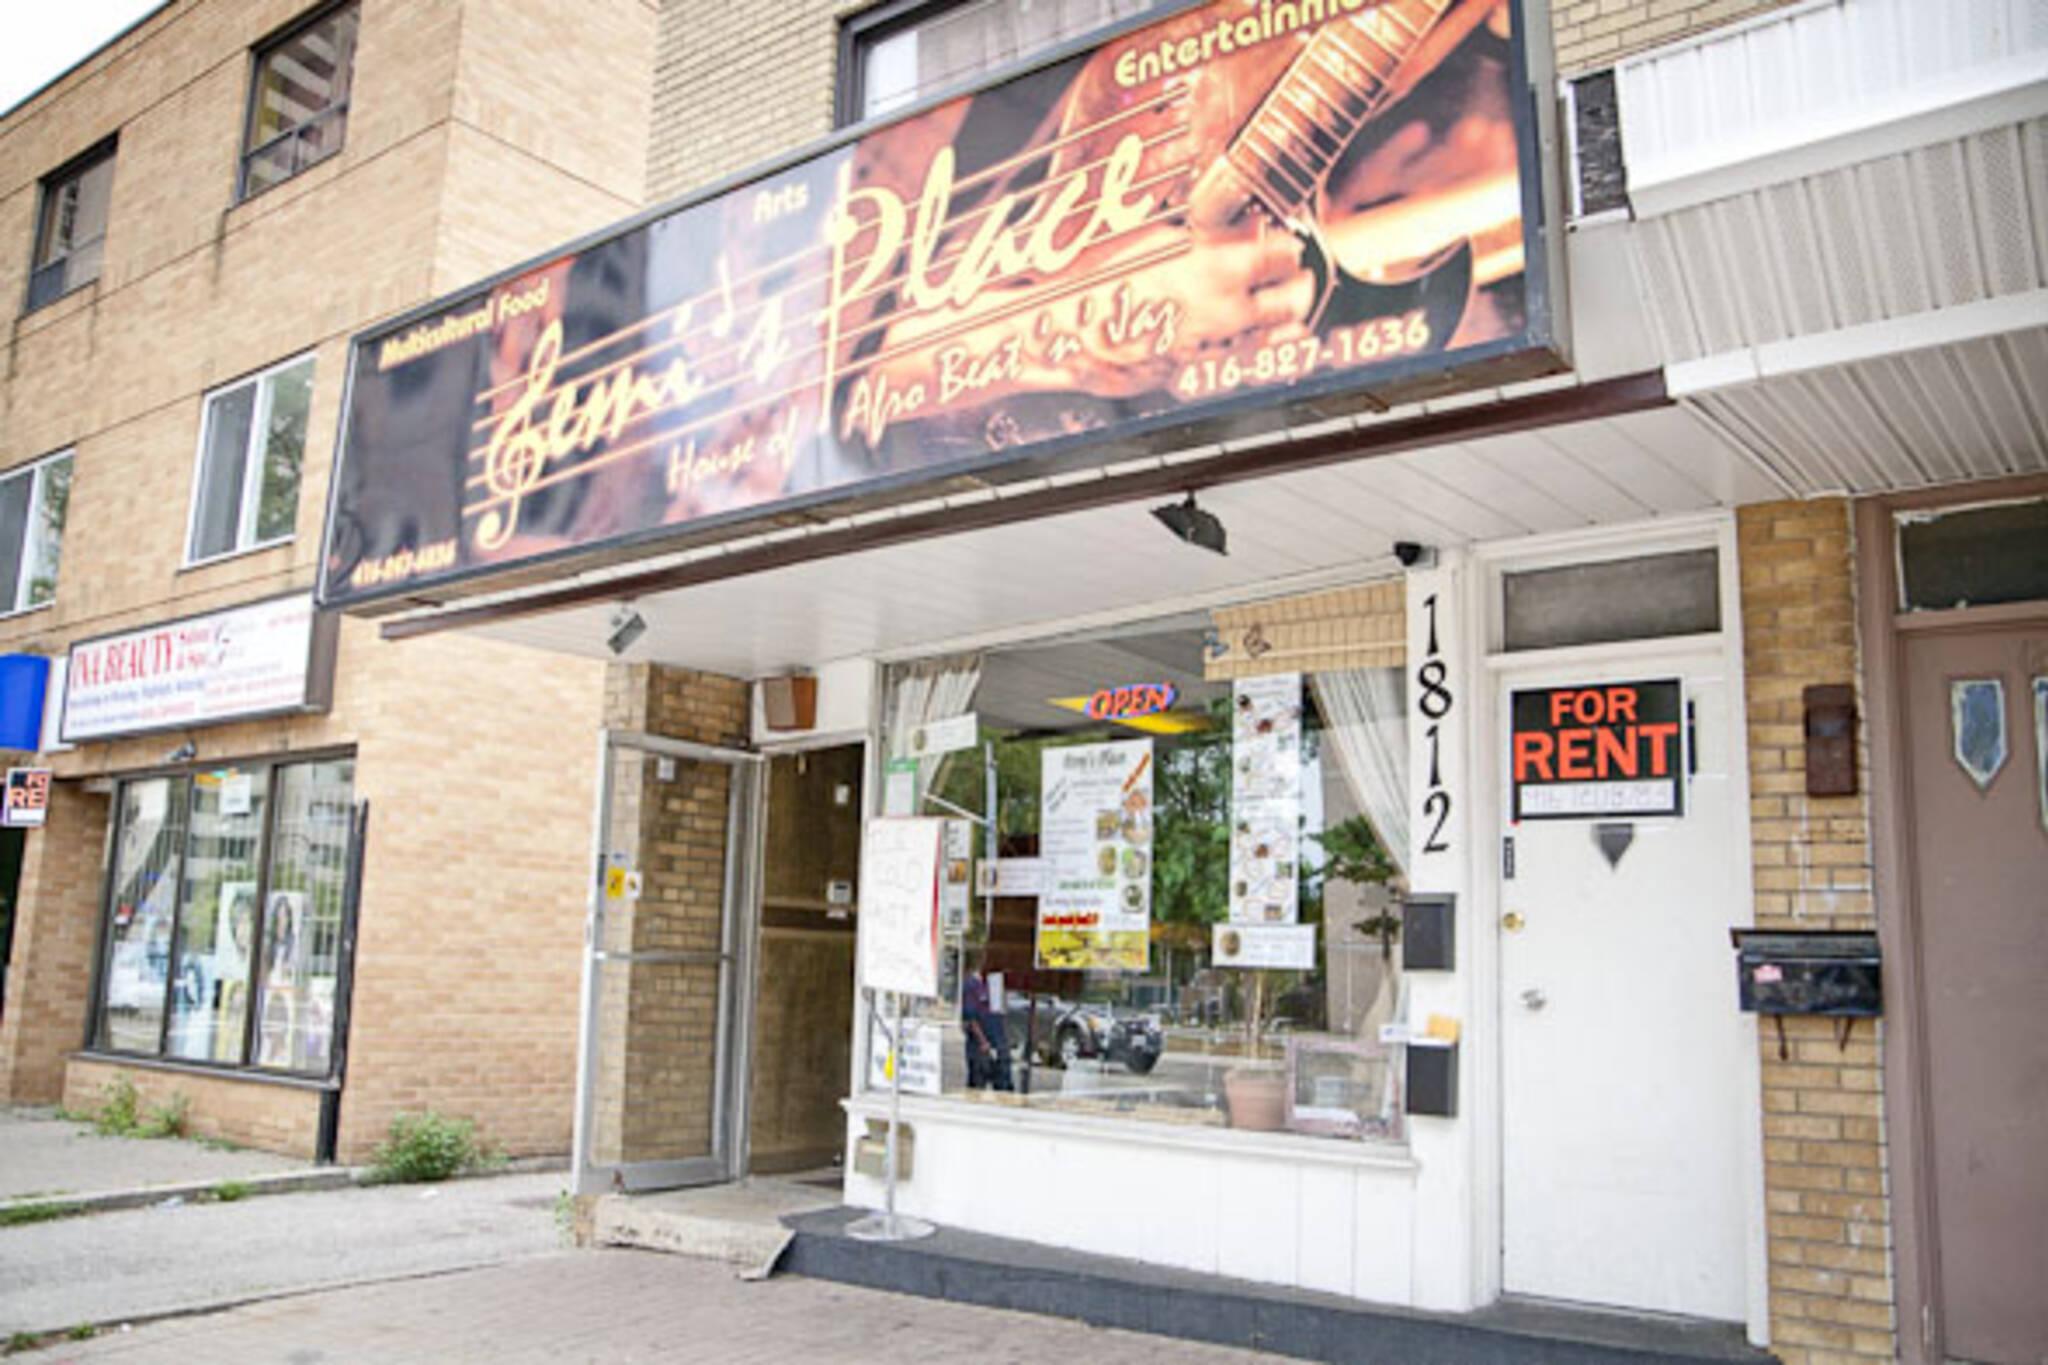 Femis Place Toronto